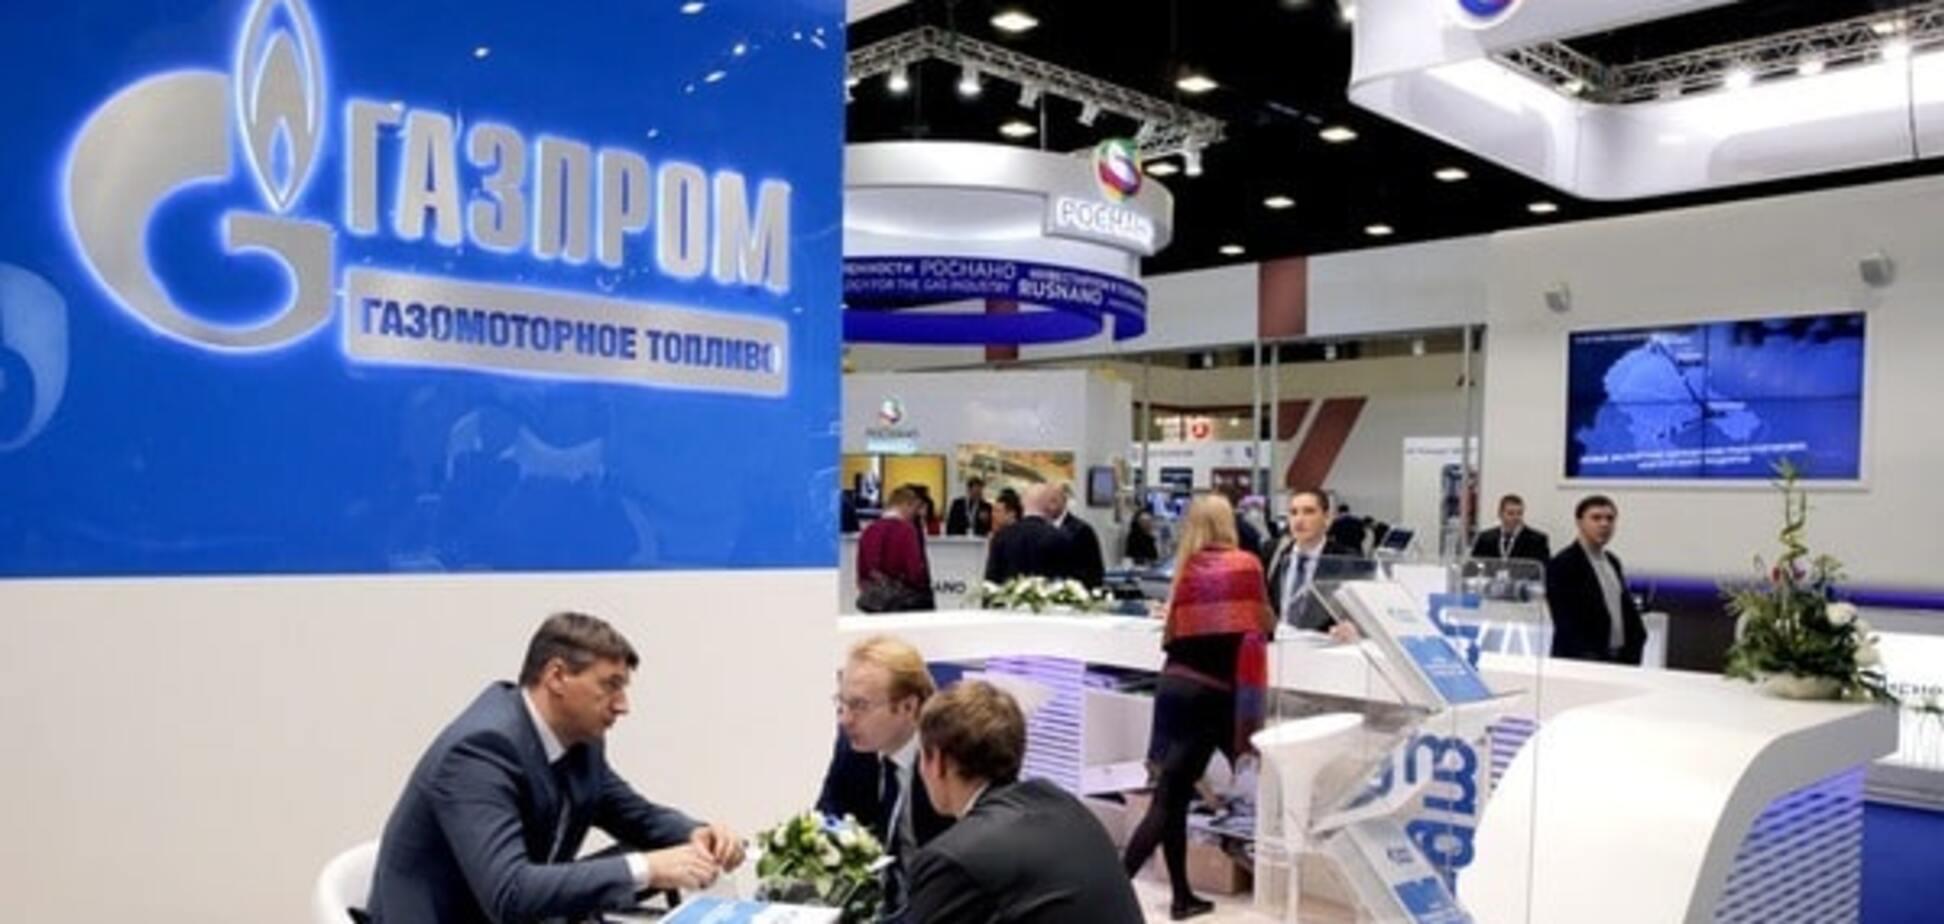 АМКУ зобов'язав 'Газпром' виплатити штраф у двомісячний термін